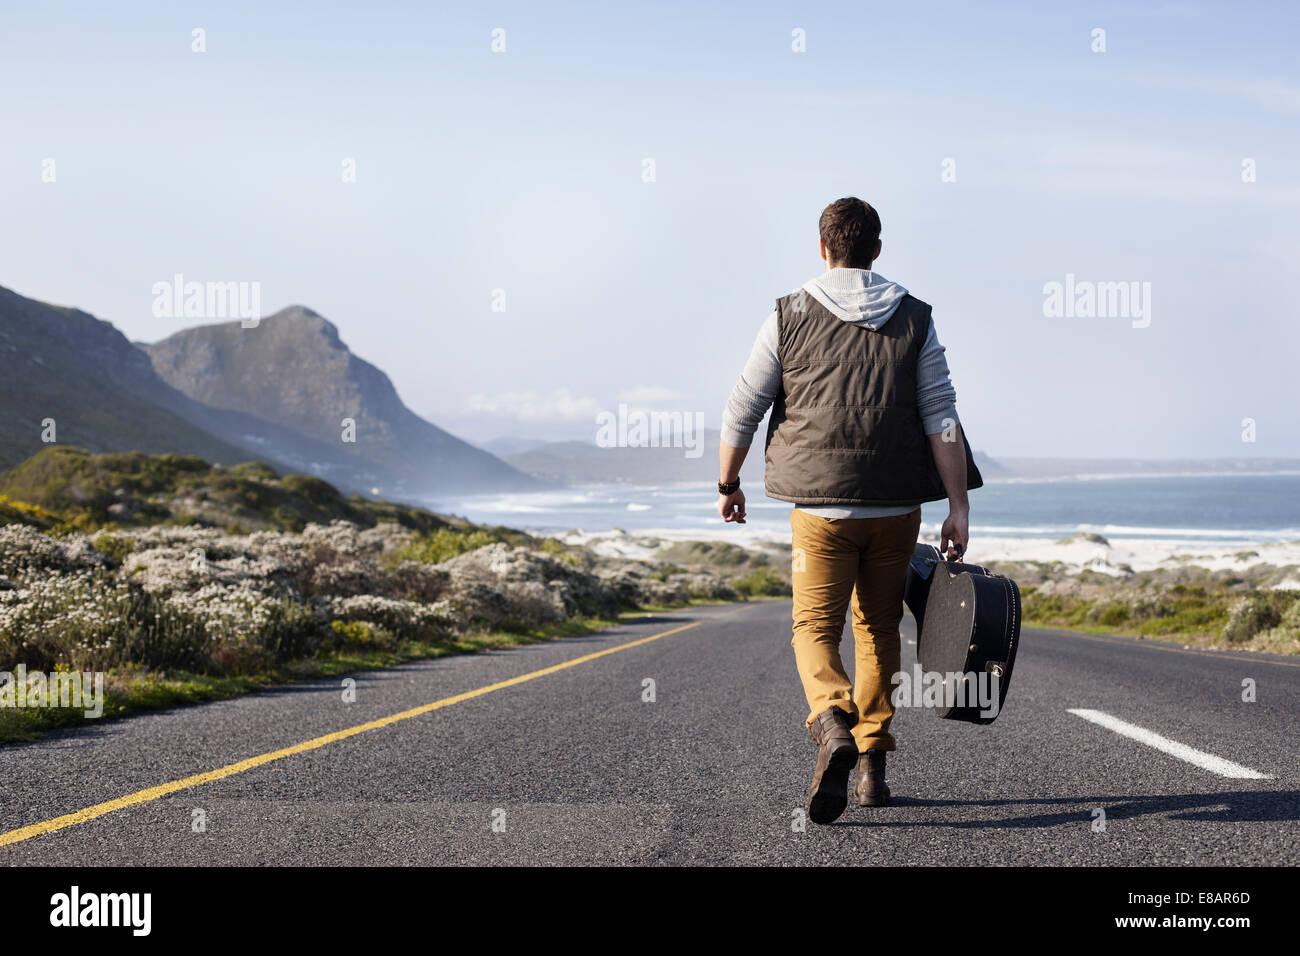 Vista posteriore del giovane con chitarra caso camminando sulla strada costiera, Cape Town, Western Cape, Sud Africa Immagini Stock